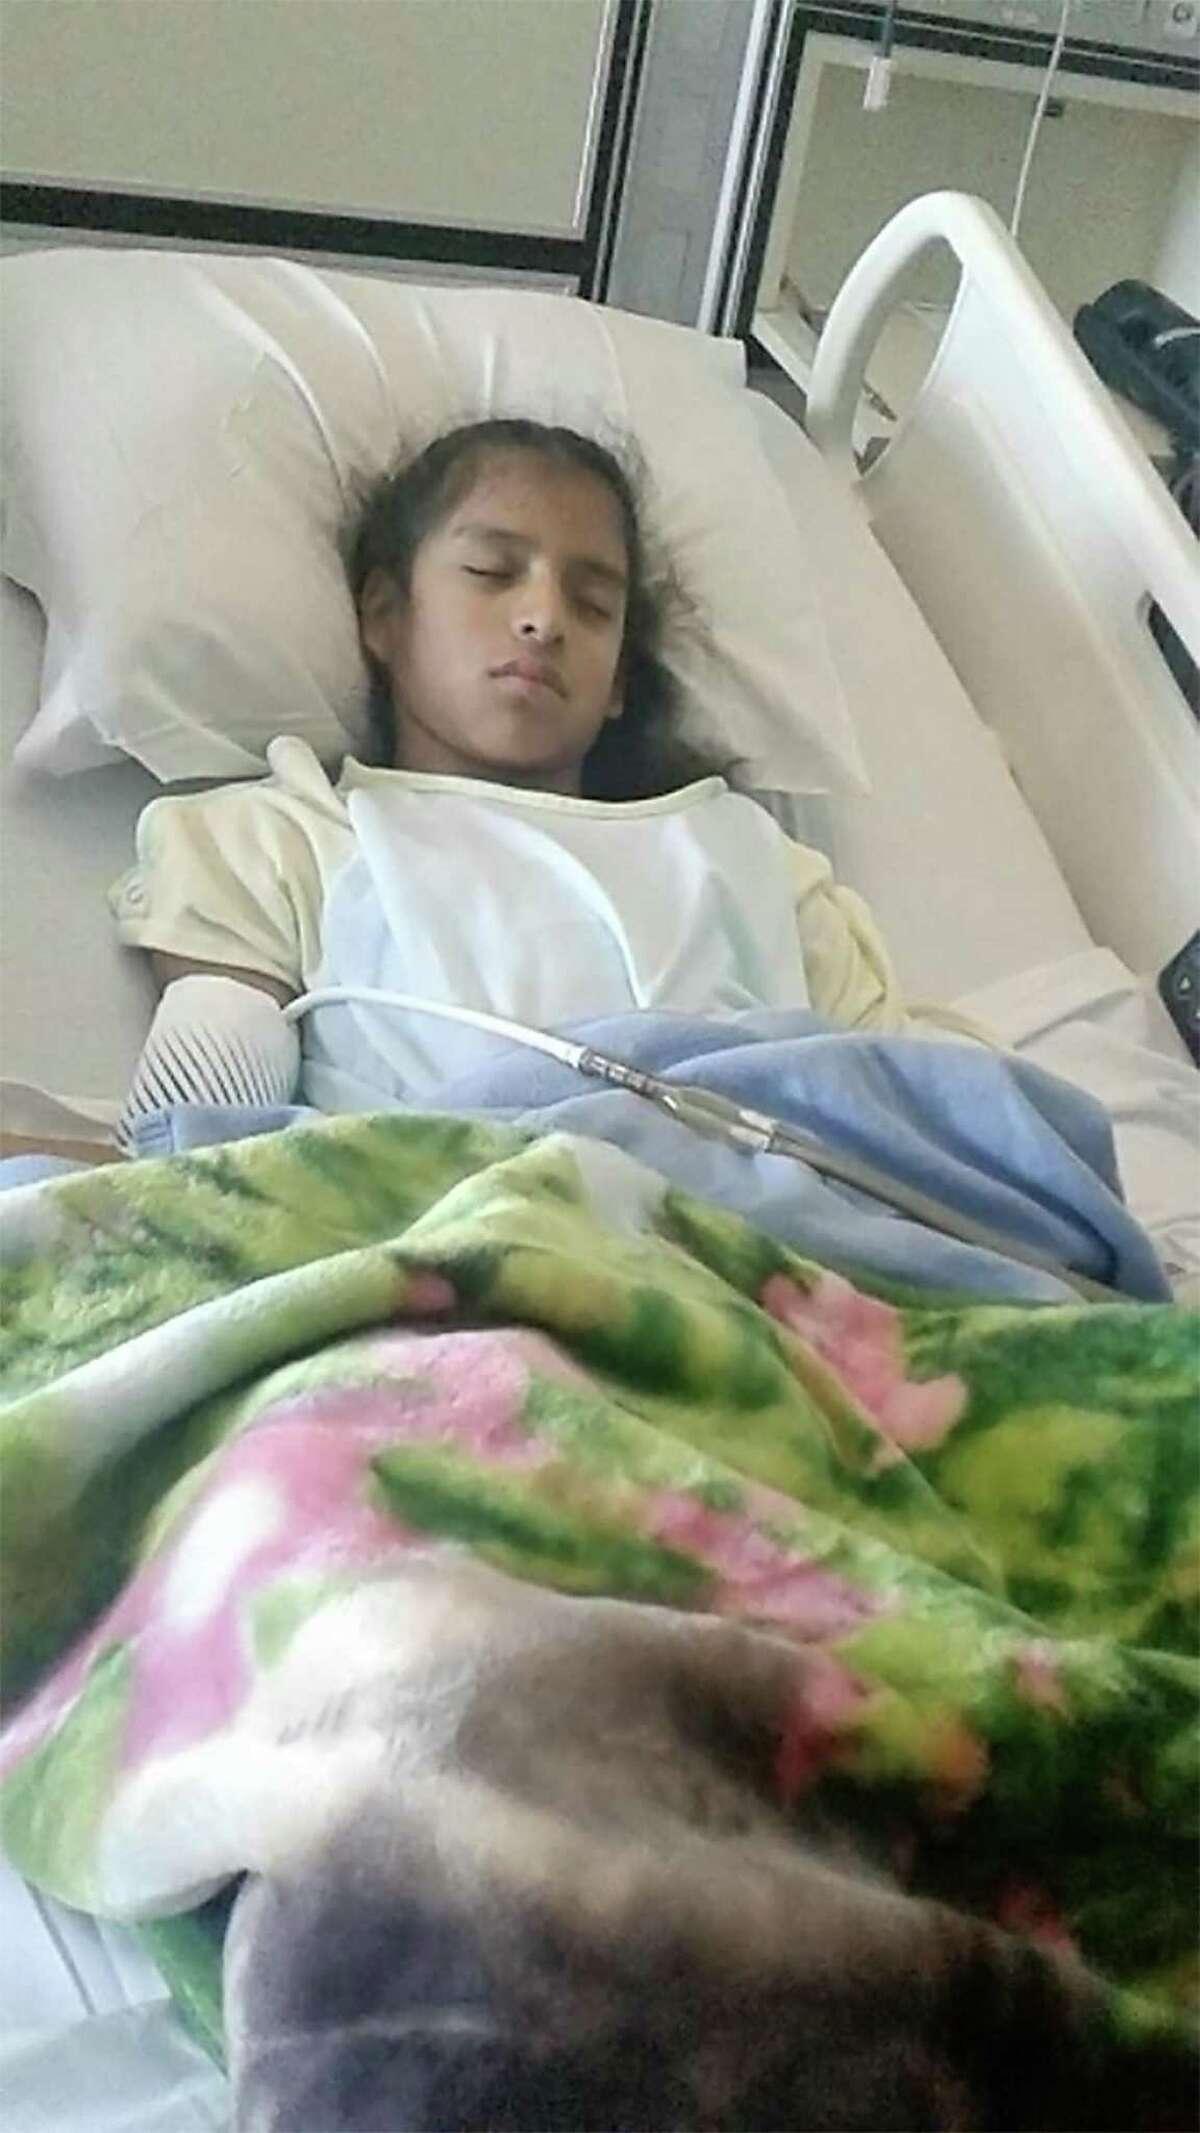 Rosemarie Hernández, de 10 años, yace en una cama de hospital en Corpus Christi después de someterse a una cirugía de vesícula biliar. Hernández no tiene estatus de inmigrante legal y podría ser enviada a un centro de detención después de ser dada de alta del hospital. Hernández fue diagnosticada con parálisis cerebral.